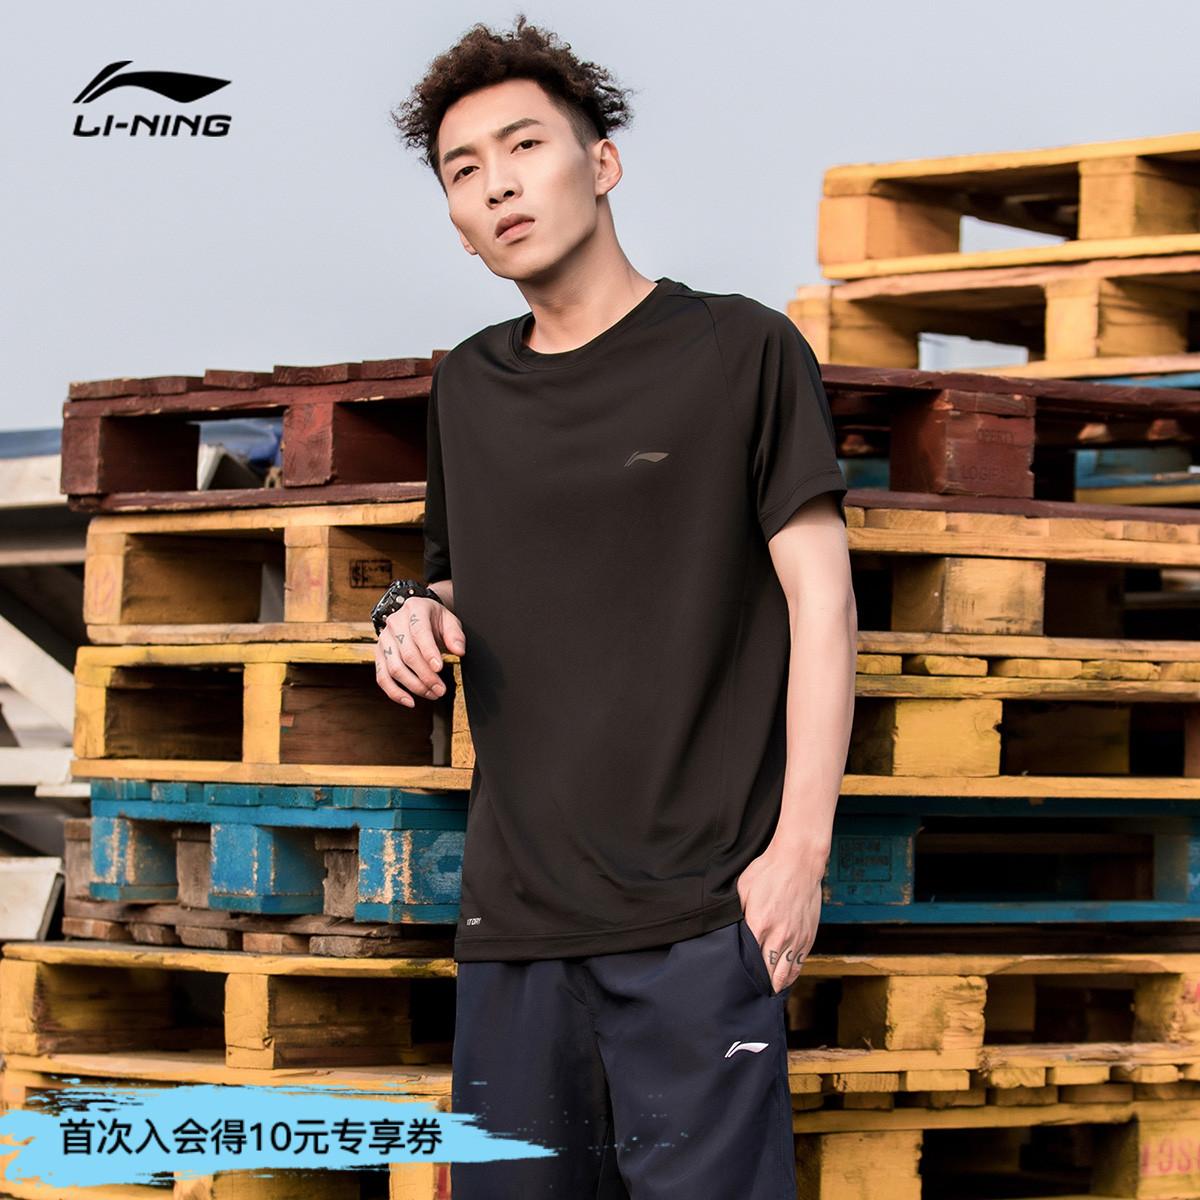 李宁短袖男士夏季新款跑步健身速干冰丝T恤圆领透气吸汗运动上衣